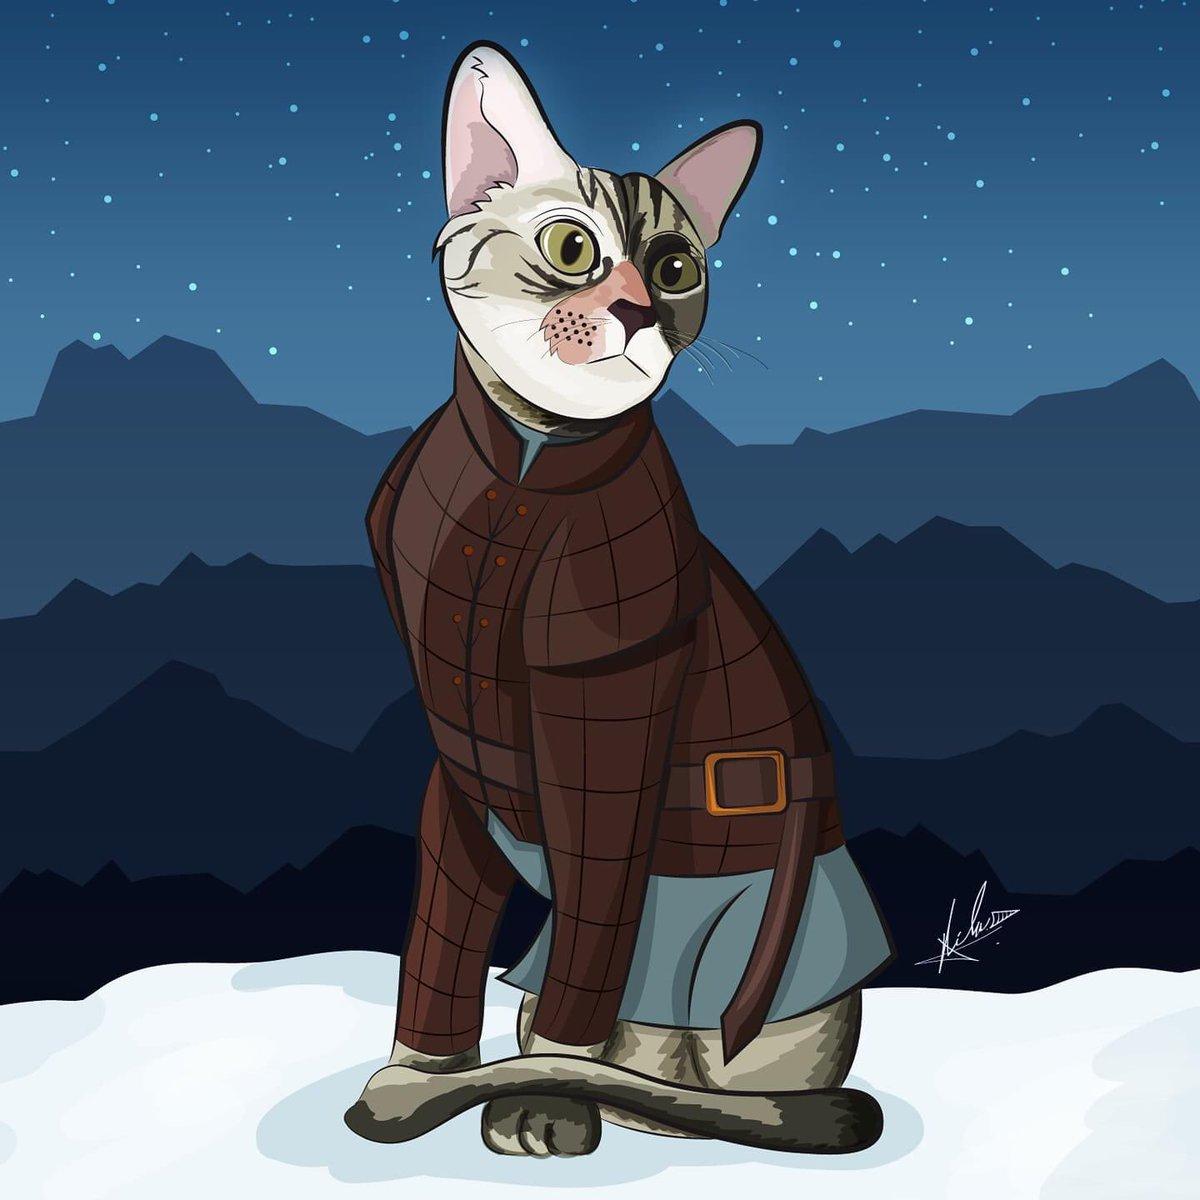 Aparte de dibujar a MAPA, también ilustro mascotas entre otras cosas. Comisiones próximamente... #Mapachink #AryaStark #VectorArt #Cats #Cat #Gatitos #Gato  #illustration #Ilustración #Art #Vector https://t.co/Yhi0bb96o0